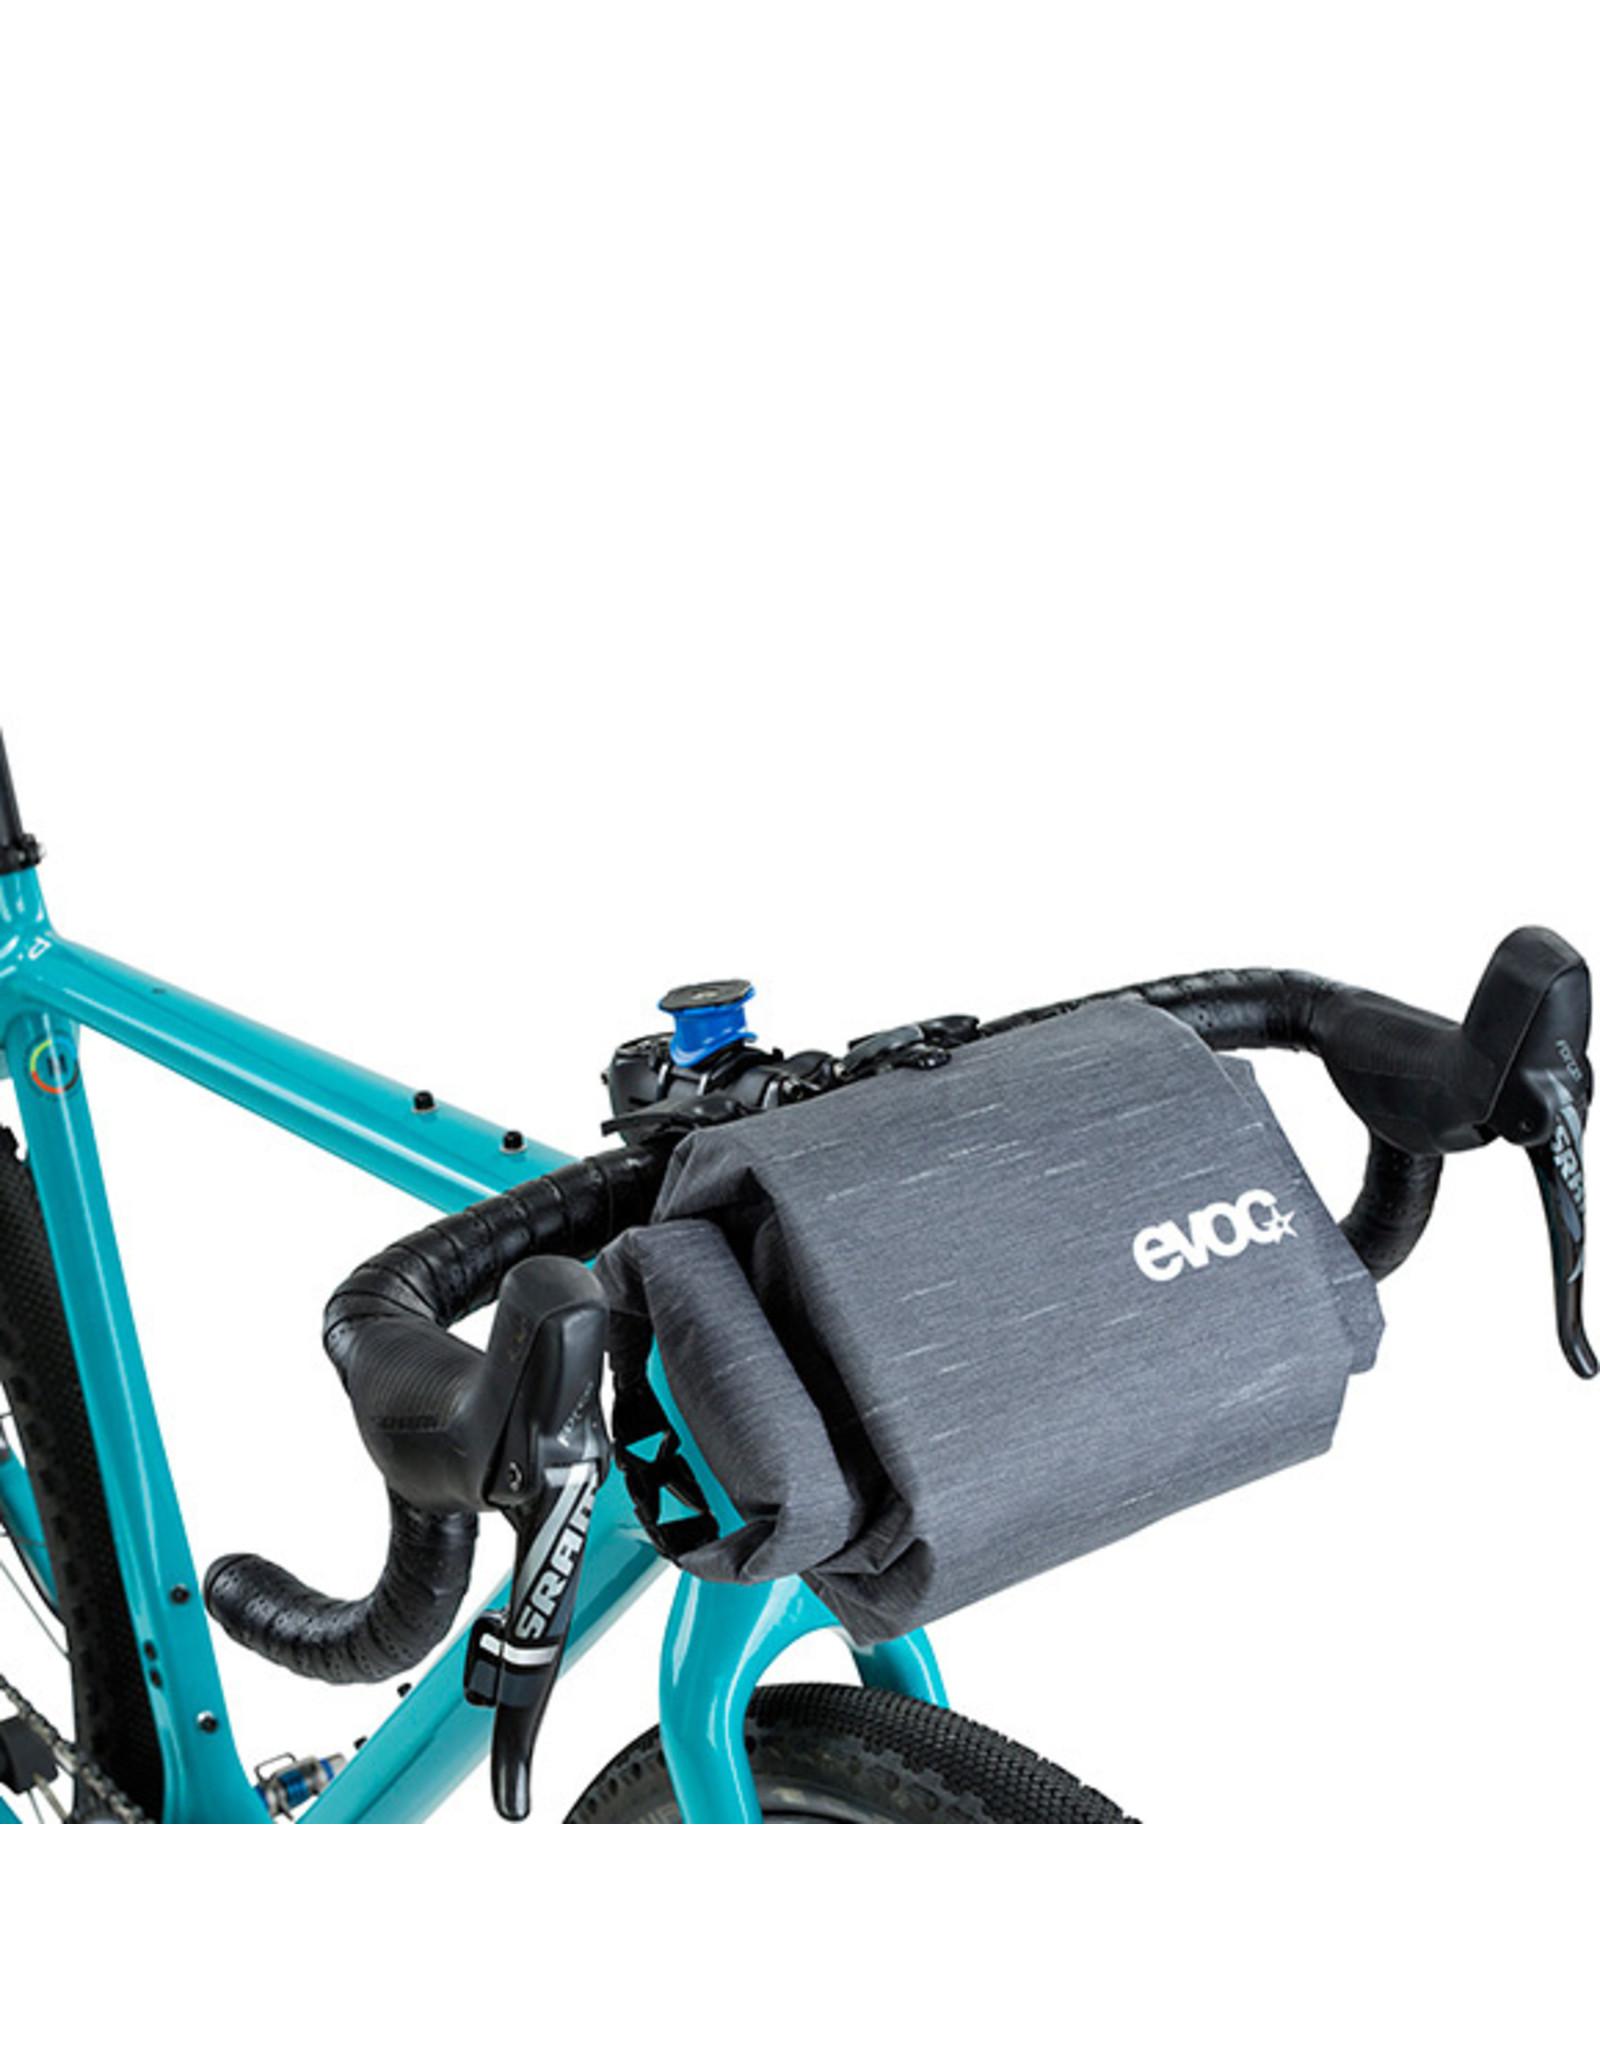 evoc EVOC, Handlebar Pack Boa L, Handlebar Bag, 5L, Grey